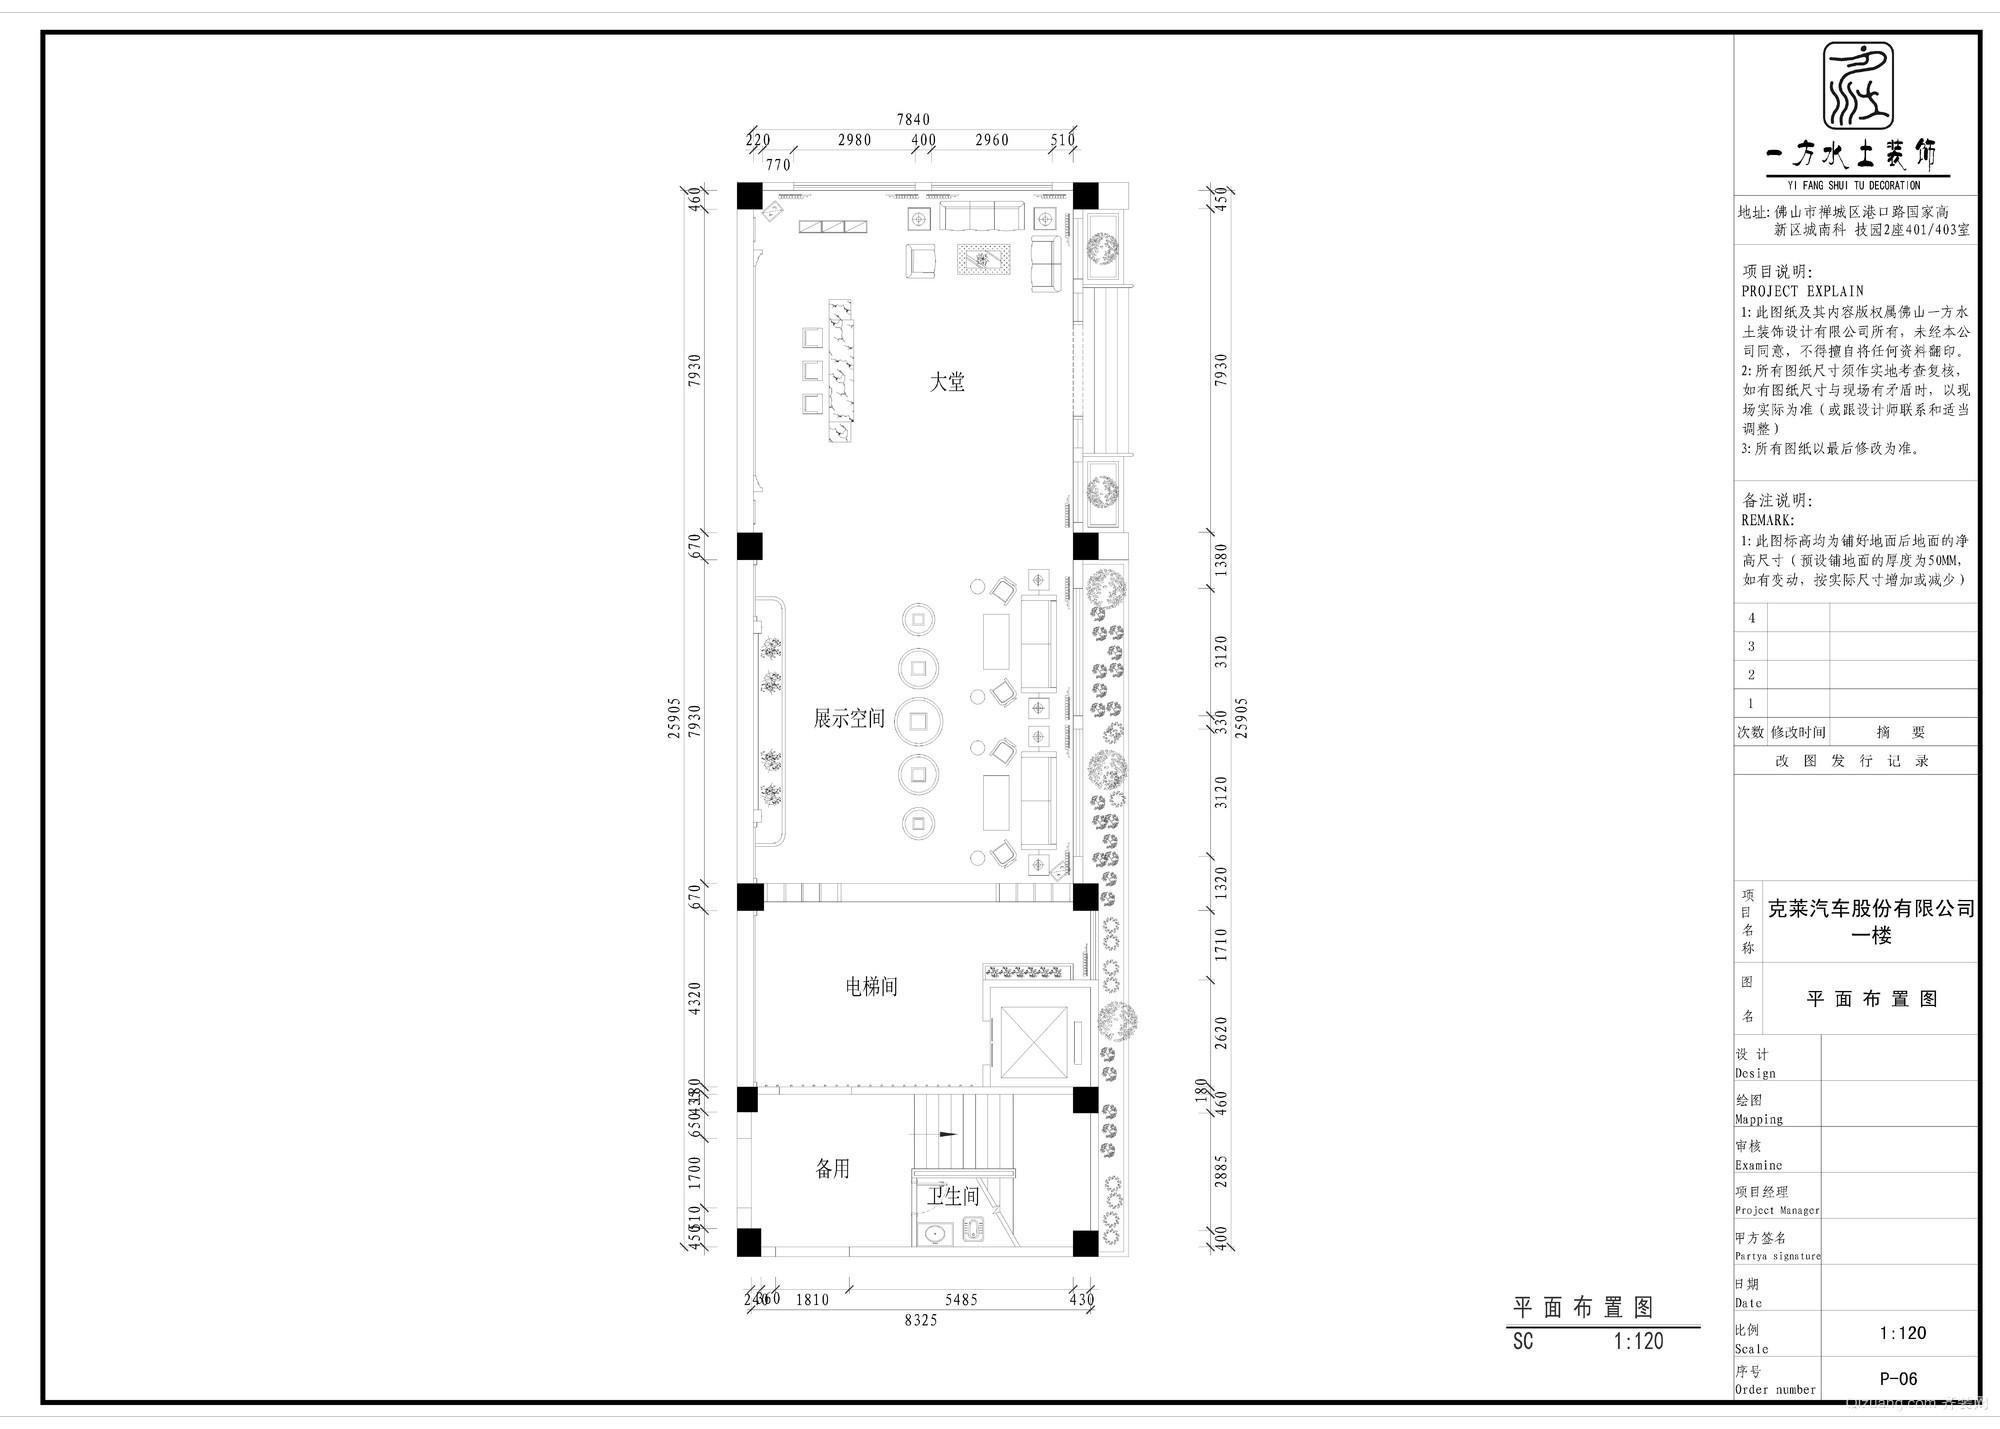 狮山克莱汽车照明公司中式风格装修效果图实景图